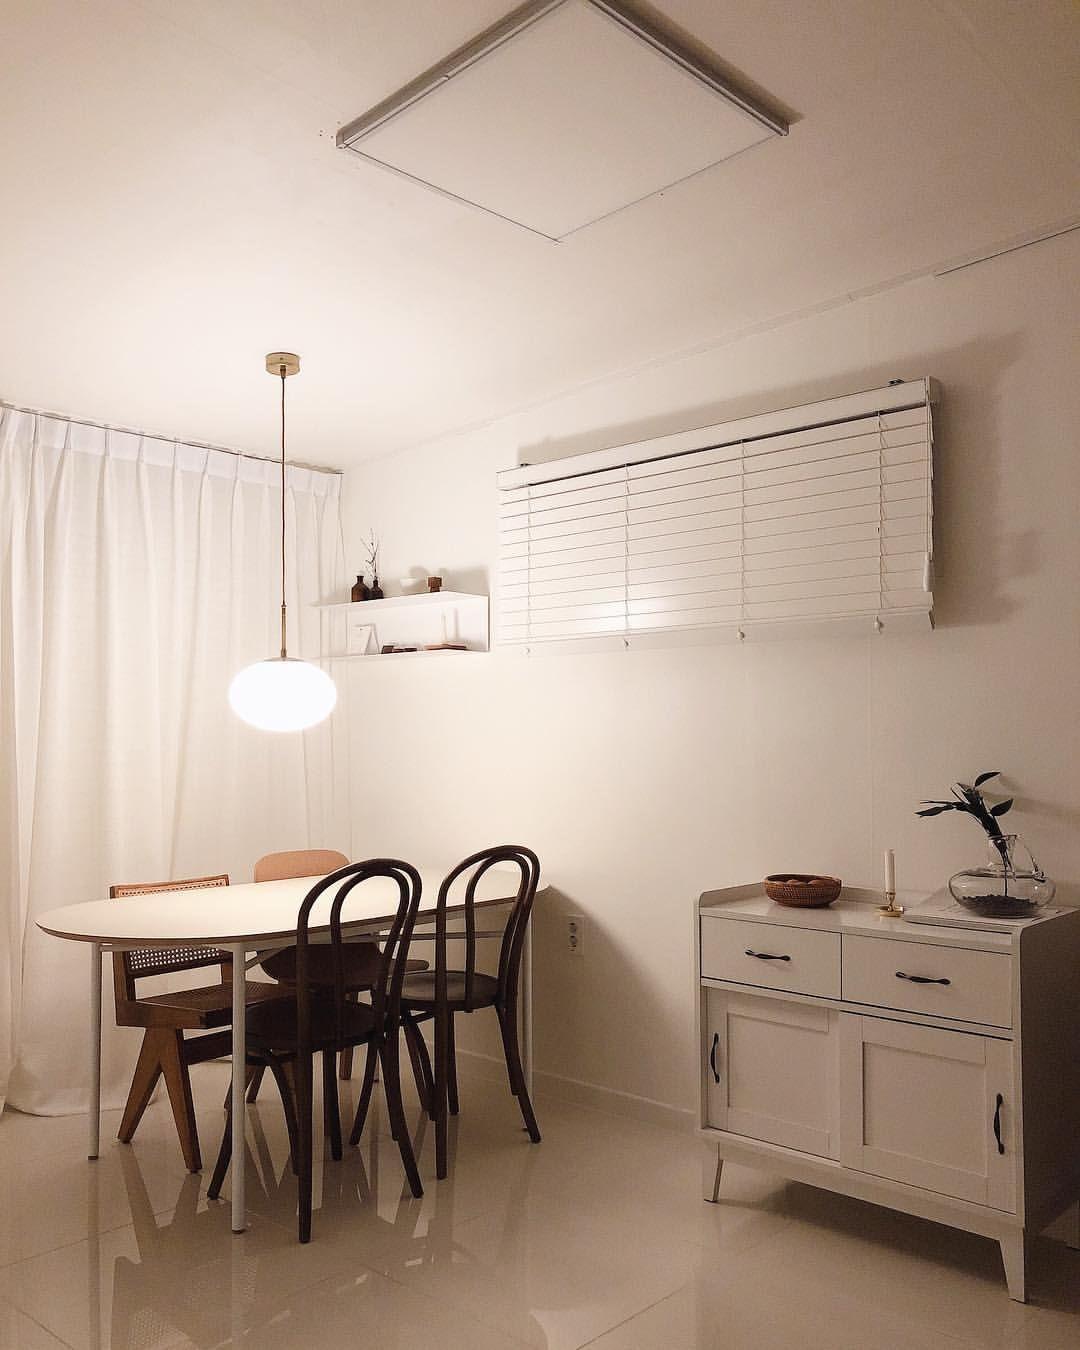 더여자이야기 The 여자이야기 V Instagram 하루종일 집청소하고 저만에 작업실처럼 쓸 공간 청소하느라 먼지만 많이큼 먹은 날 ㅋㅋ 아 배부르다요 먼지살 Home Decor Interior Home